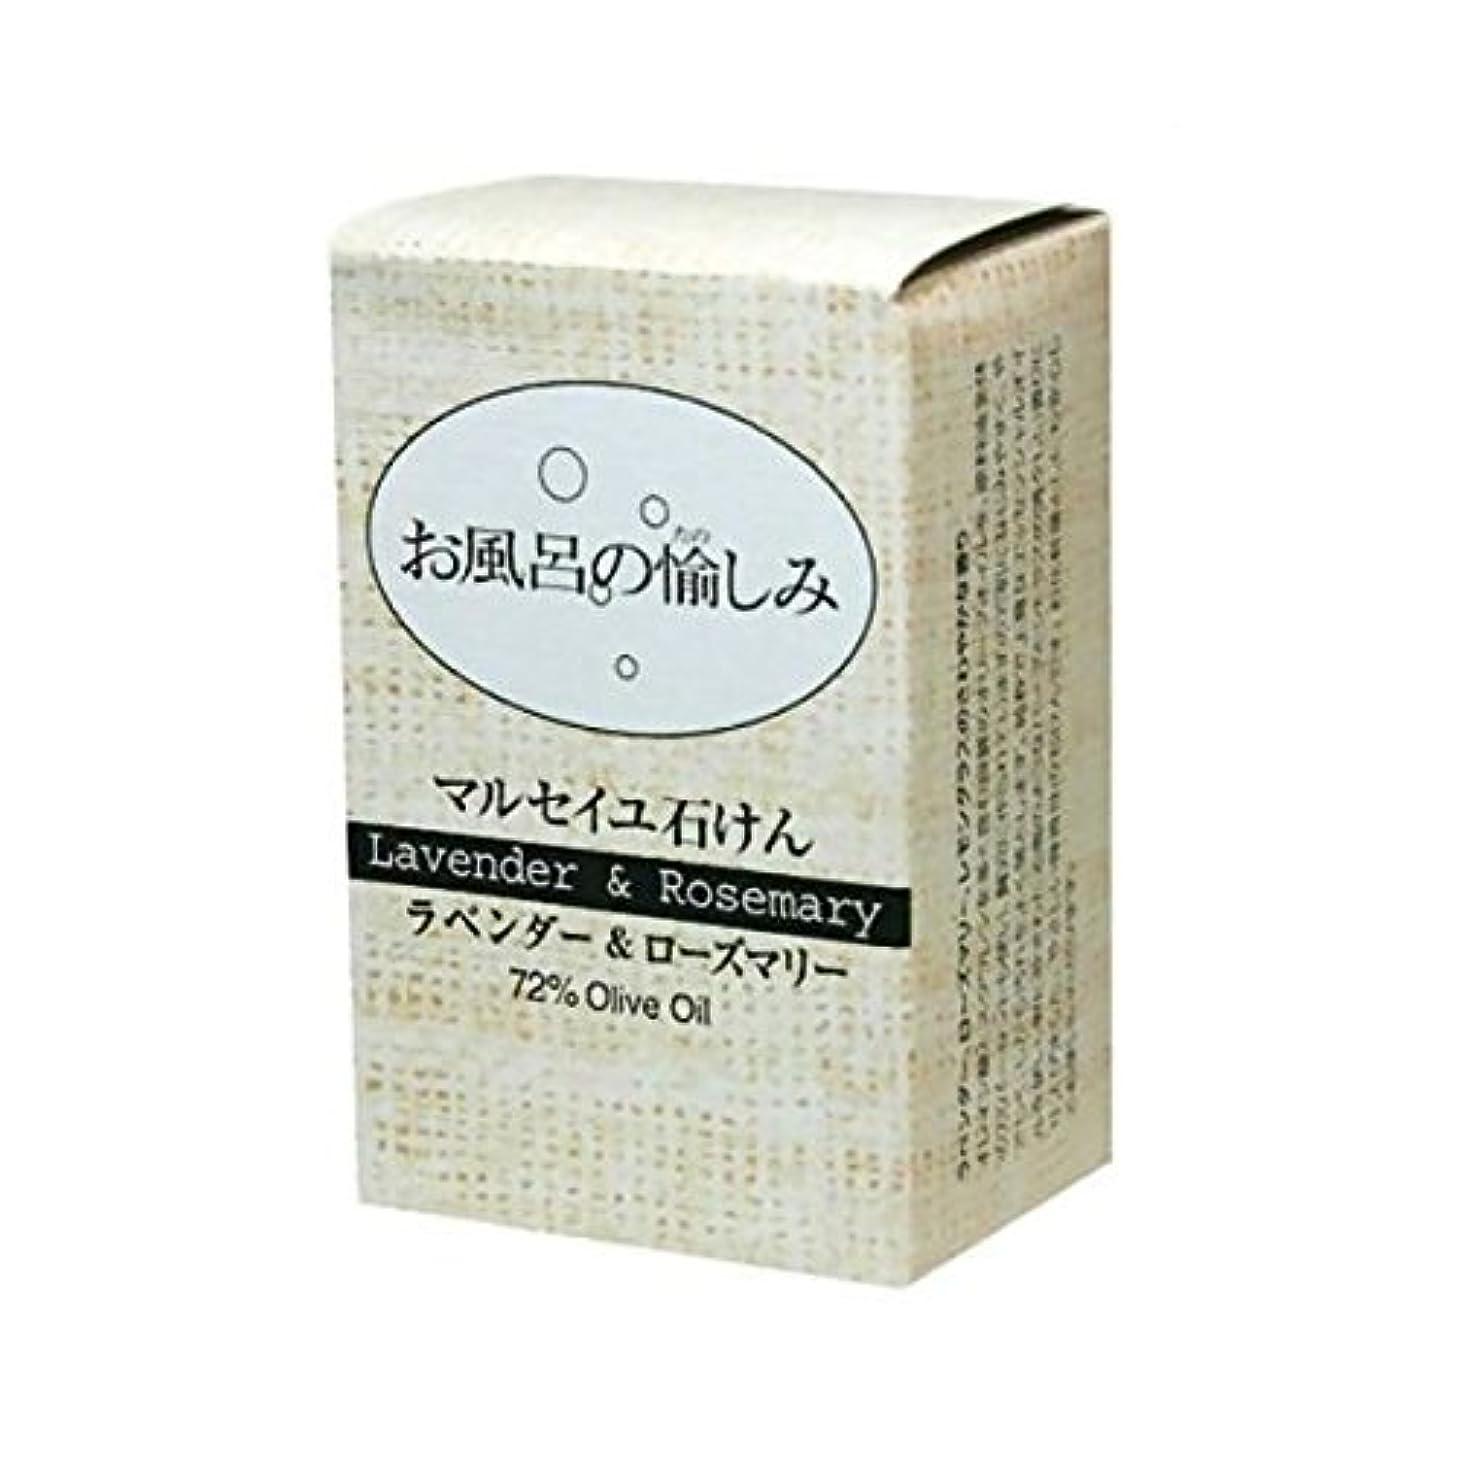 無しアサー以来【お徳用 3 セット】 お風呂の愉しみ マルセイユ石鹸 (ラベンダー&ローズマリー)×3セット